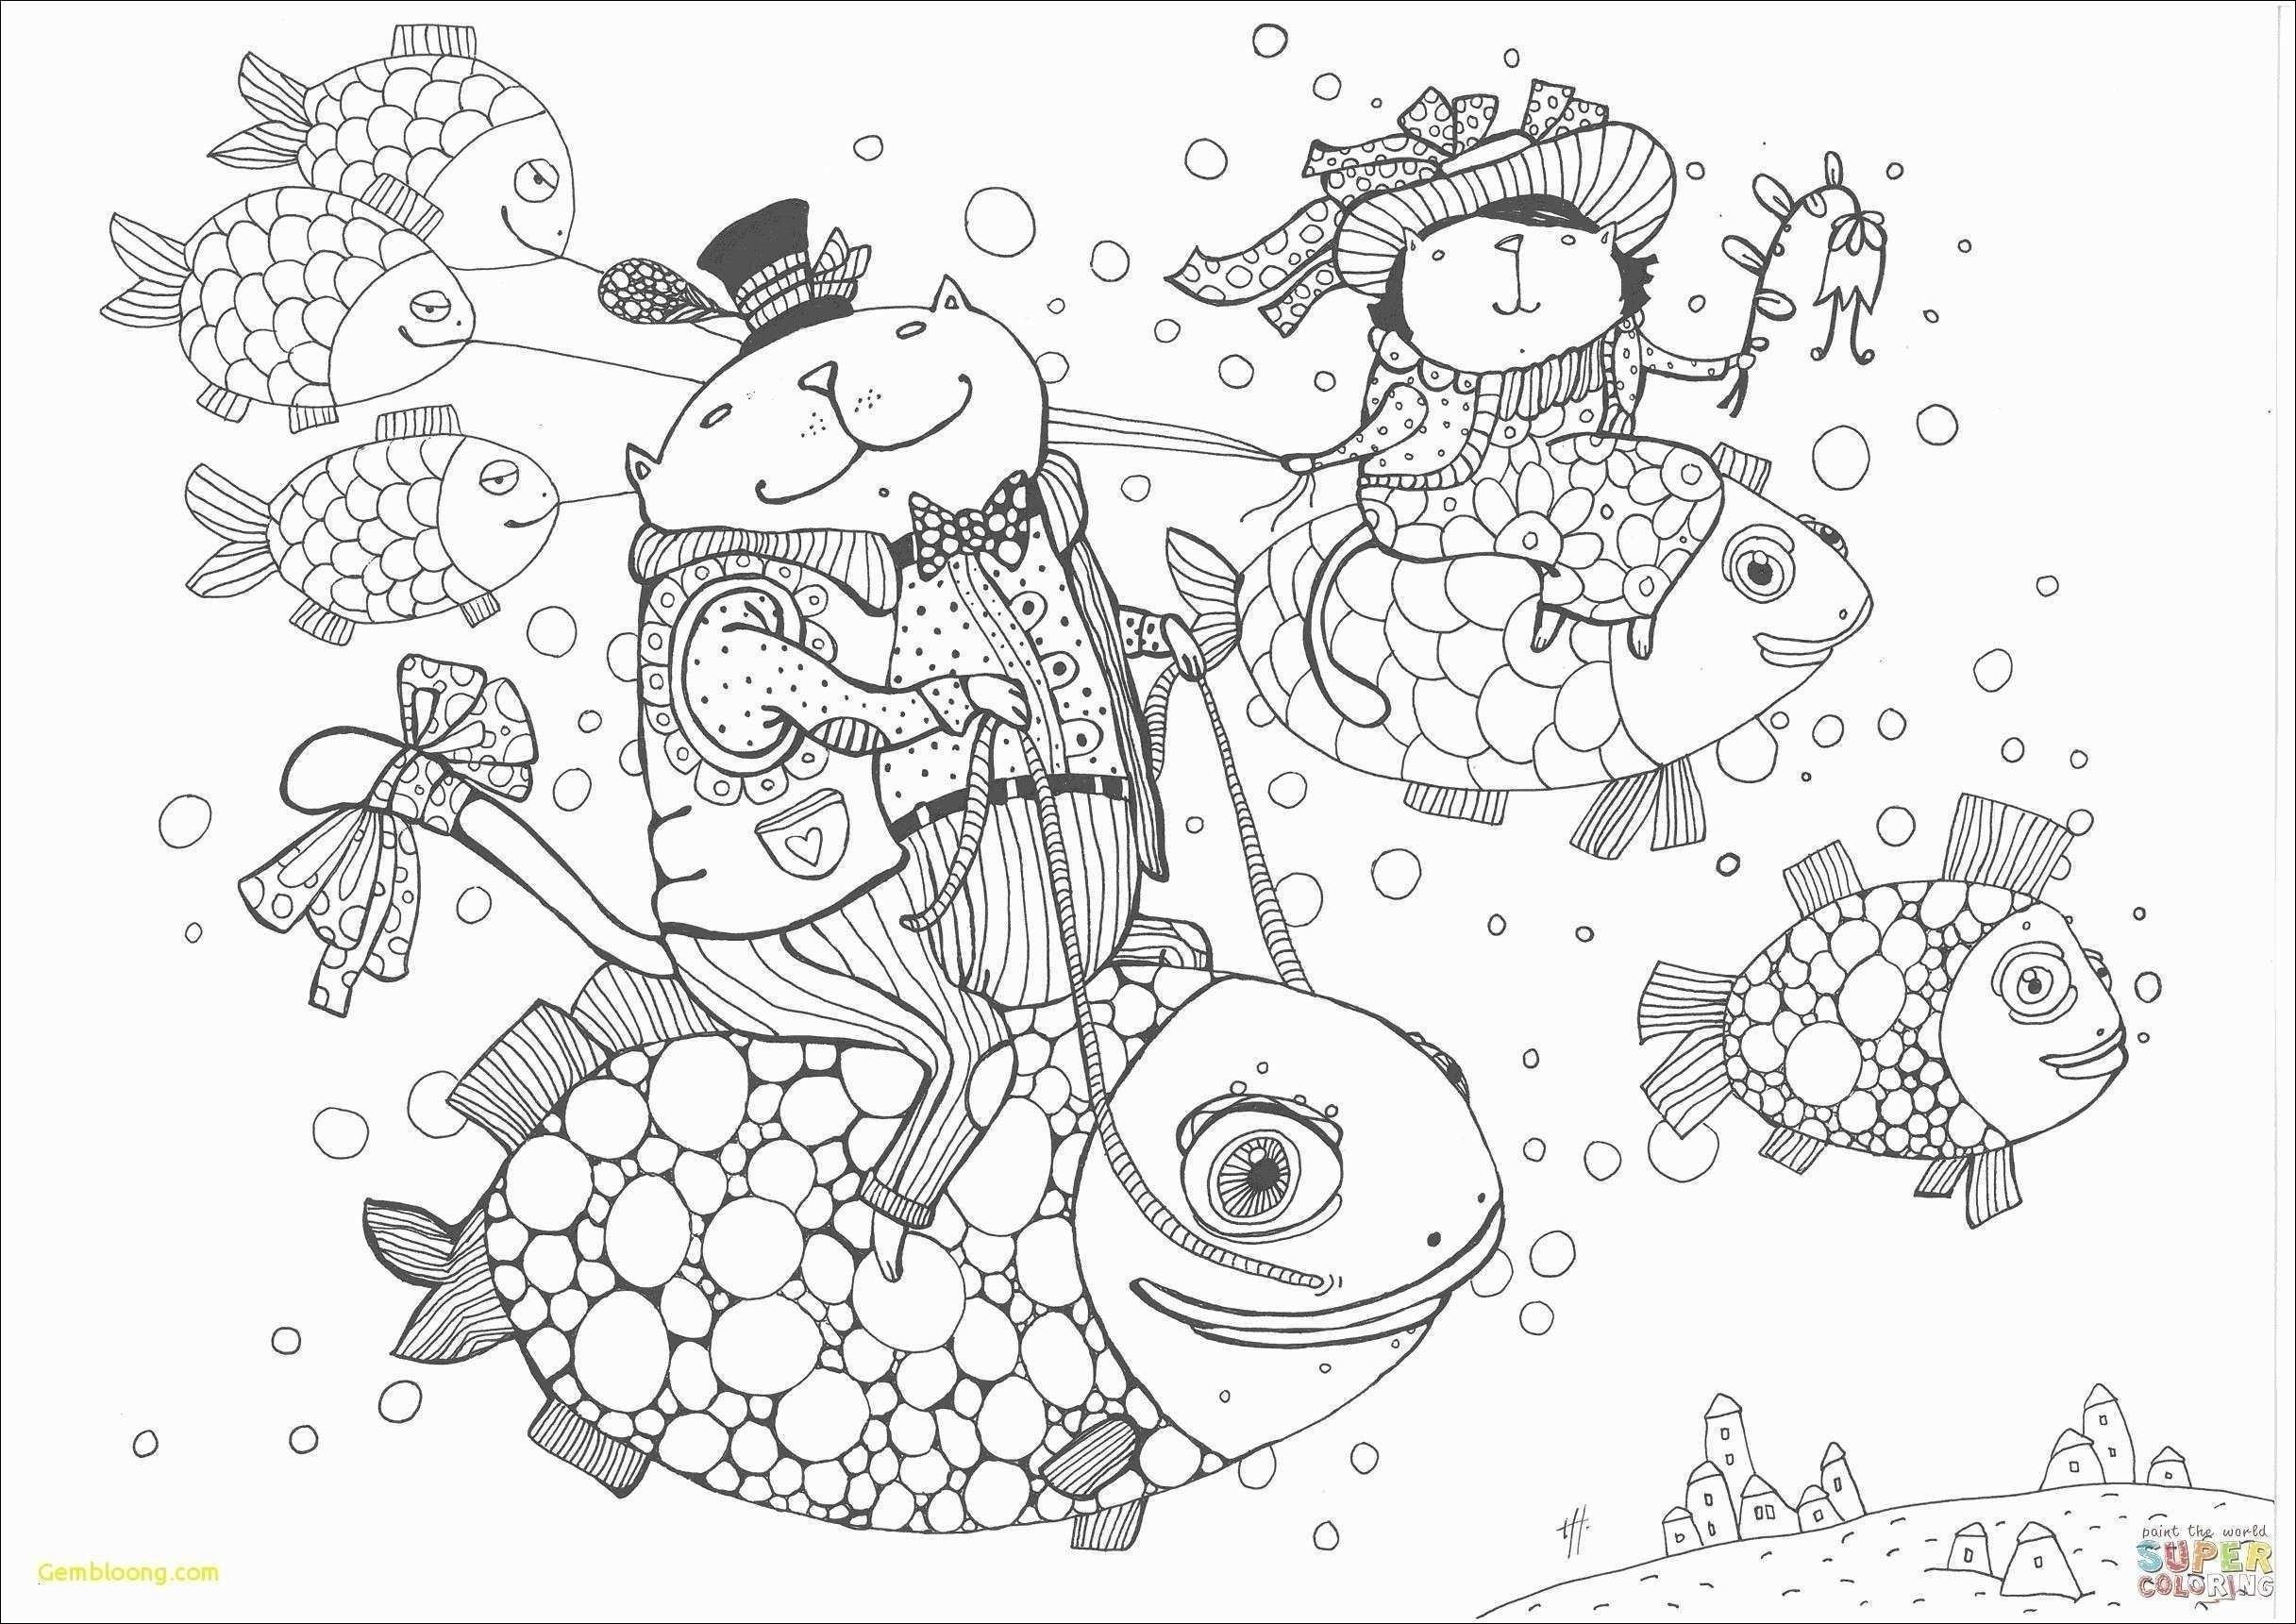 Ausmalbilder Weihnachten Christbaum Genial Weihnachts Malvorlagen Zum Ausdrucken Ausmalbild Weihnachten Sammlung